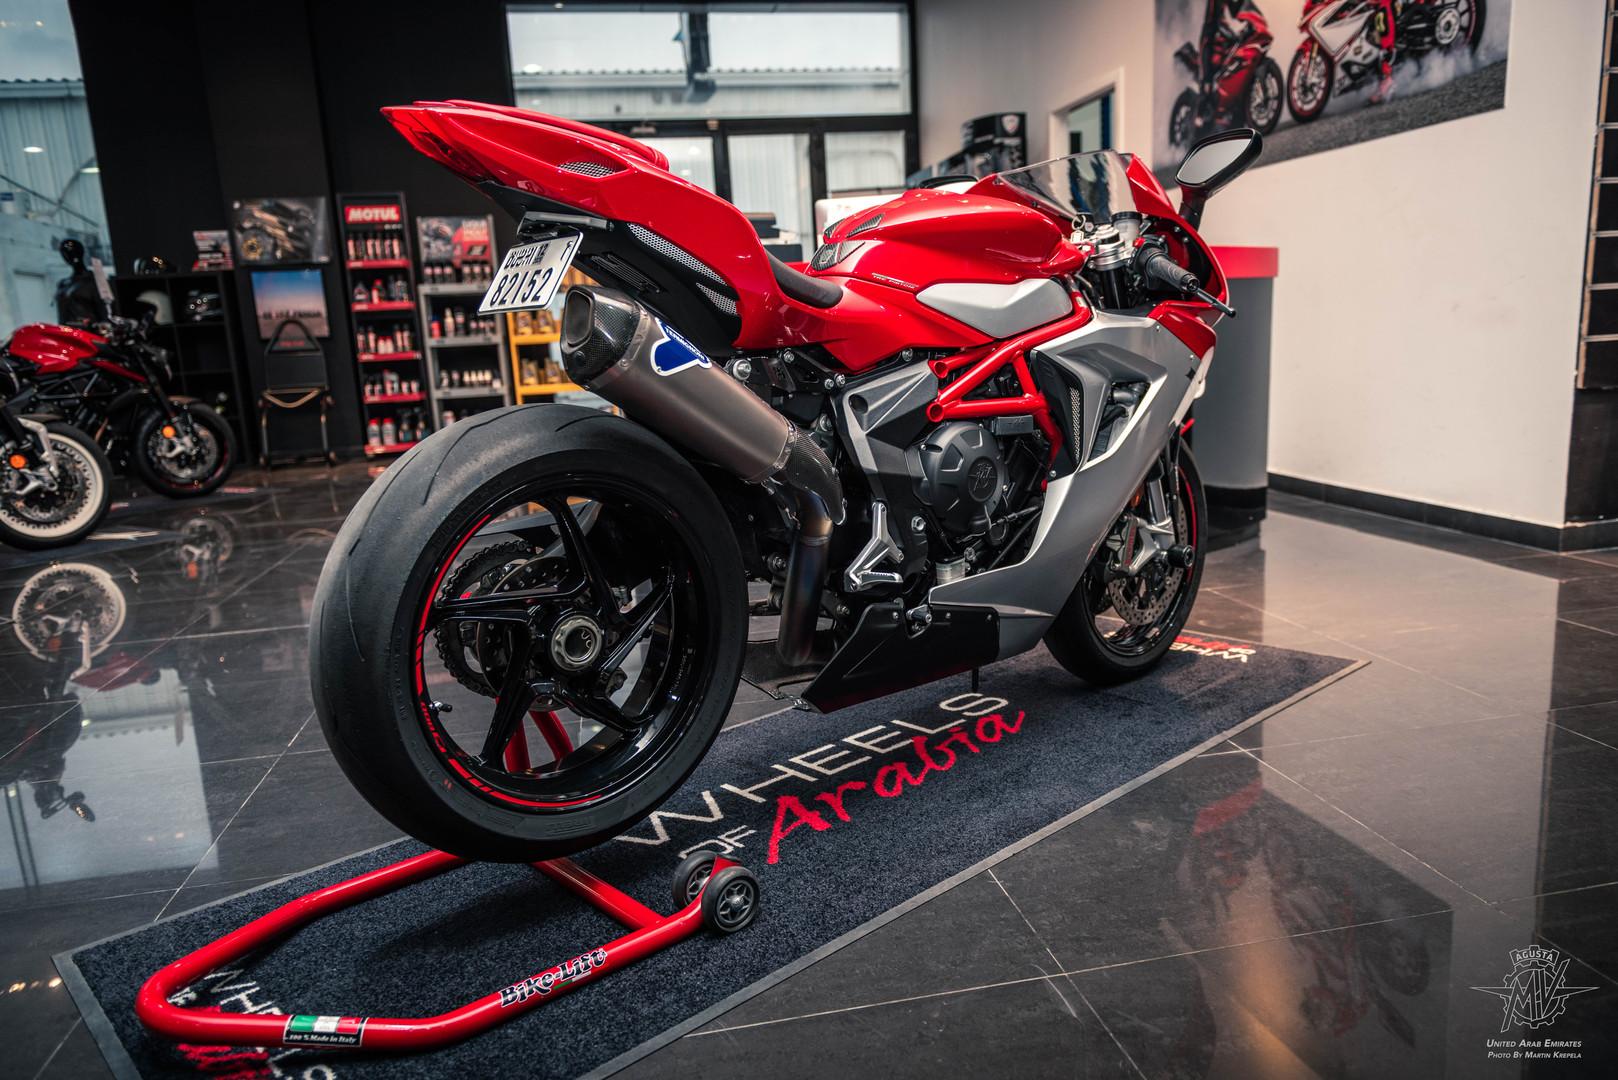 2018 MV Agusta F3 800